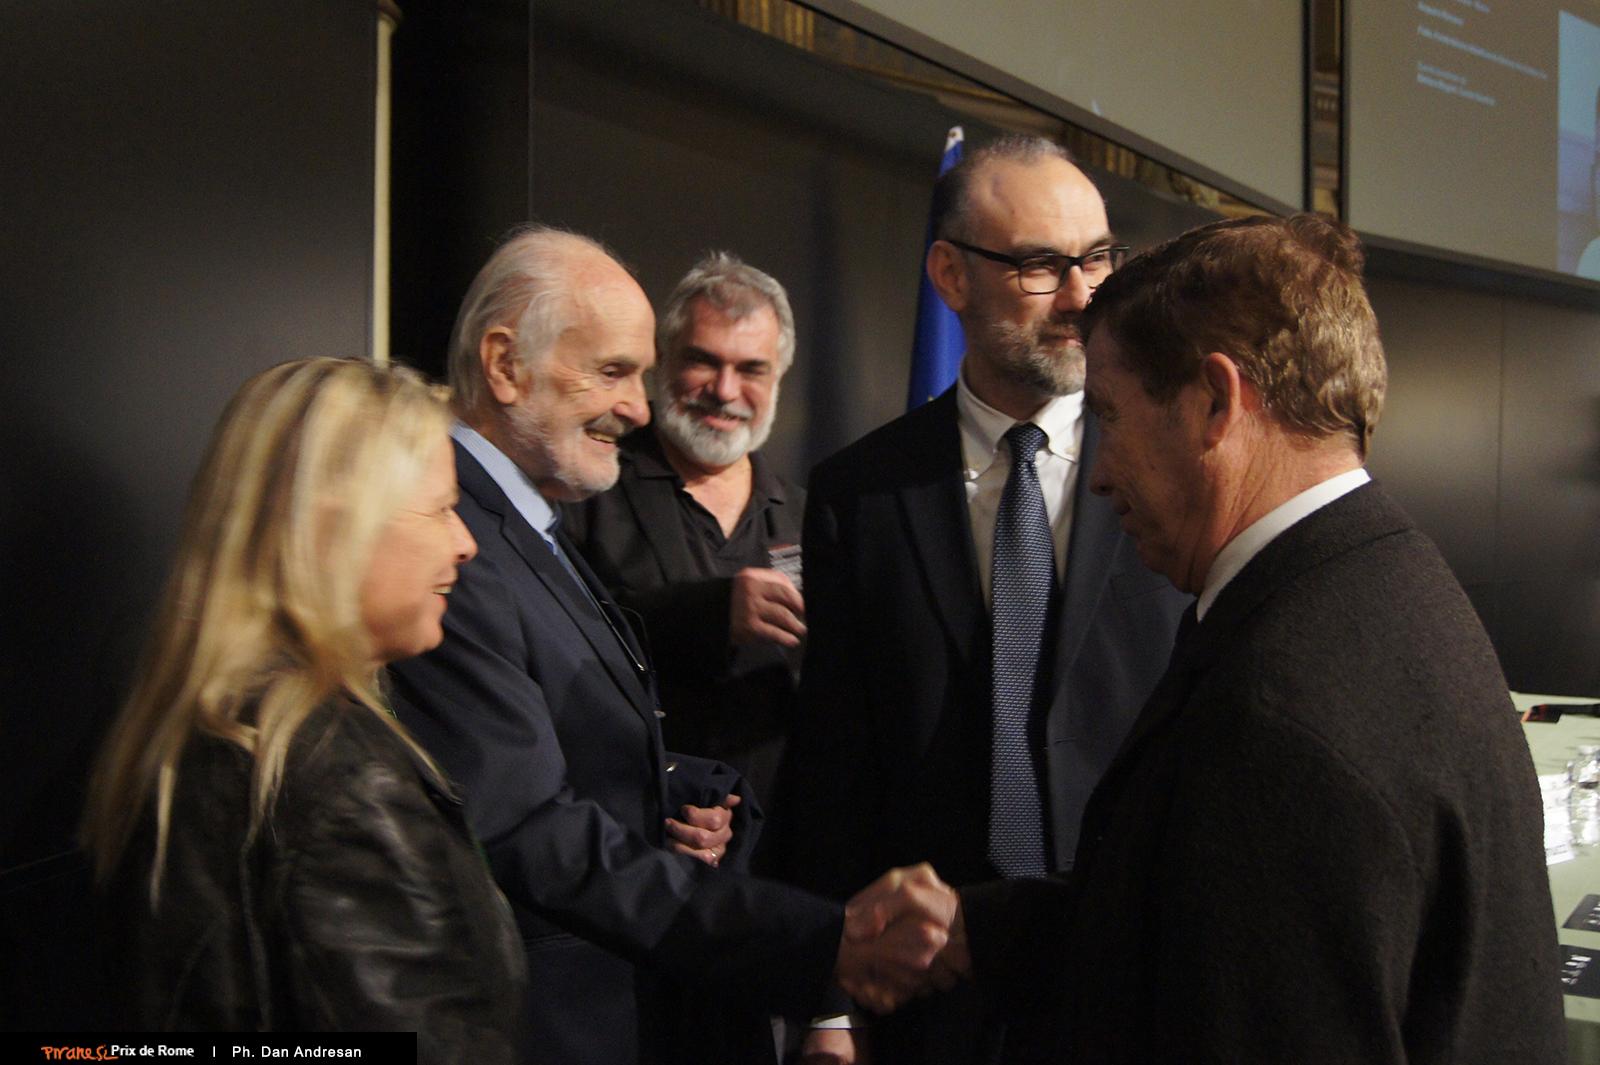 L'incontro tra Lucien Kroll e Alberto Campo Baeza con  ed con Pier Federico Caliari, Flavio Mangione